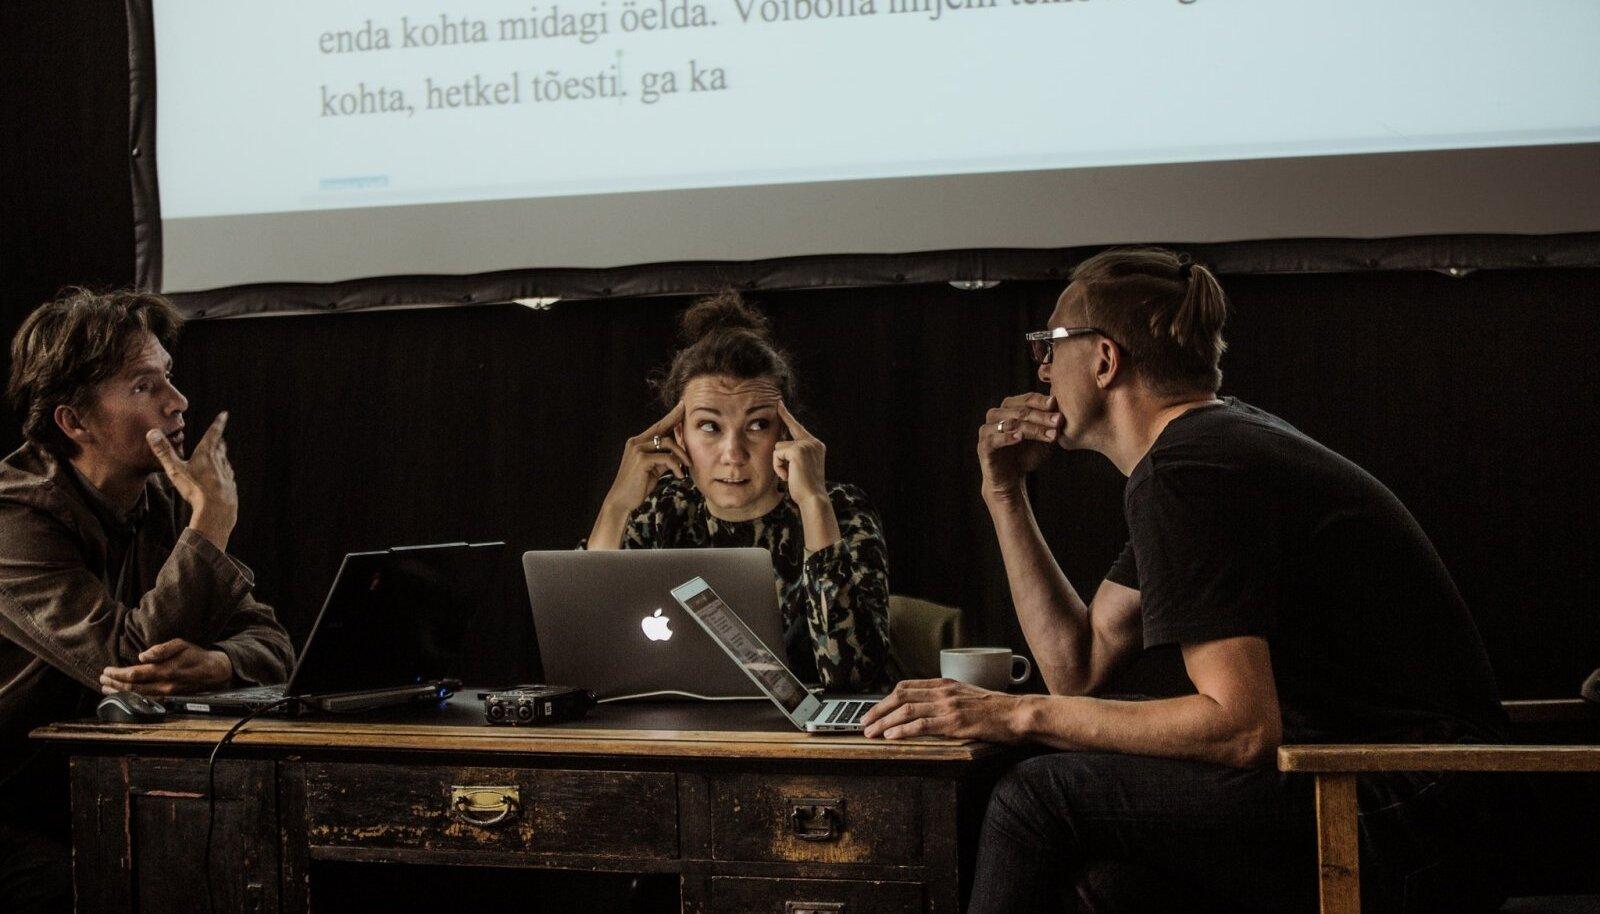 Eelmise aasta Draama festivalil kirjutasid neli näitekirjanikku lühinäidendi düstoopilisest õhtust. Pildil neljast autorist kolm: (vasakult) Mart Aas, Piret Jaaks, Urmas Vadi. Puudub Ott Kilusk.